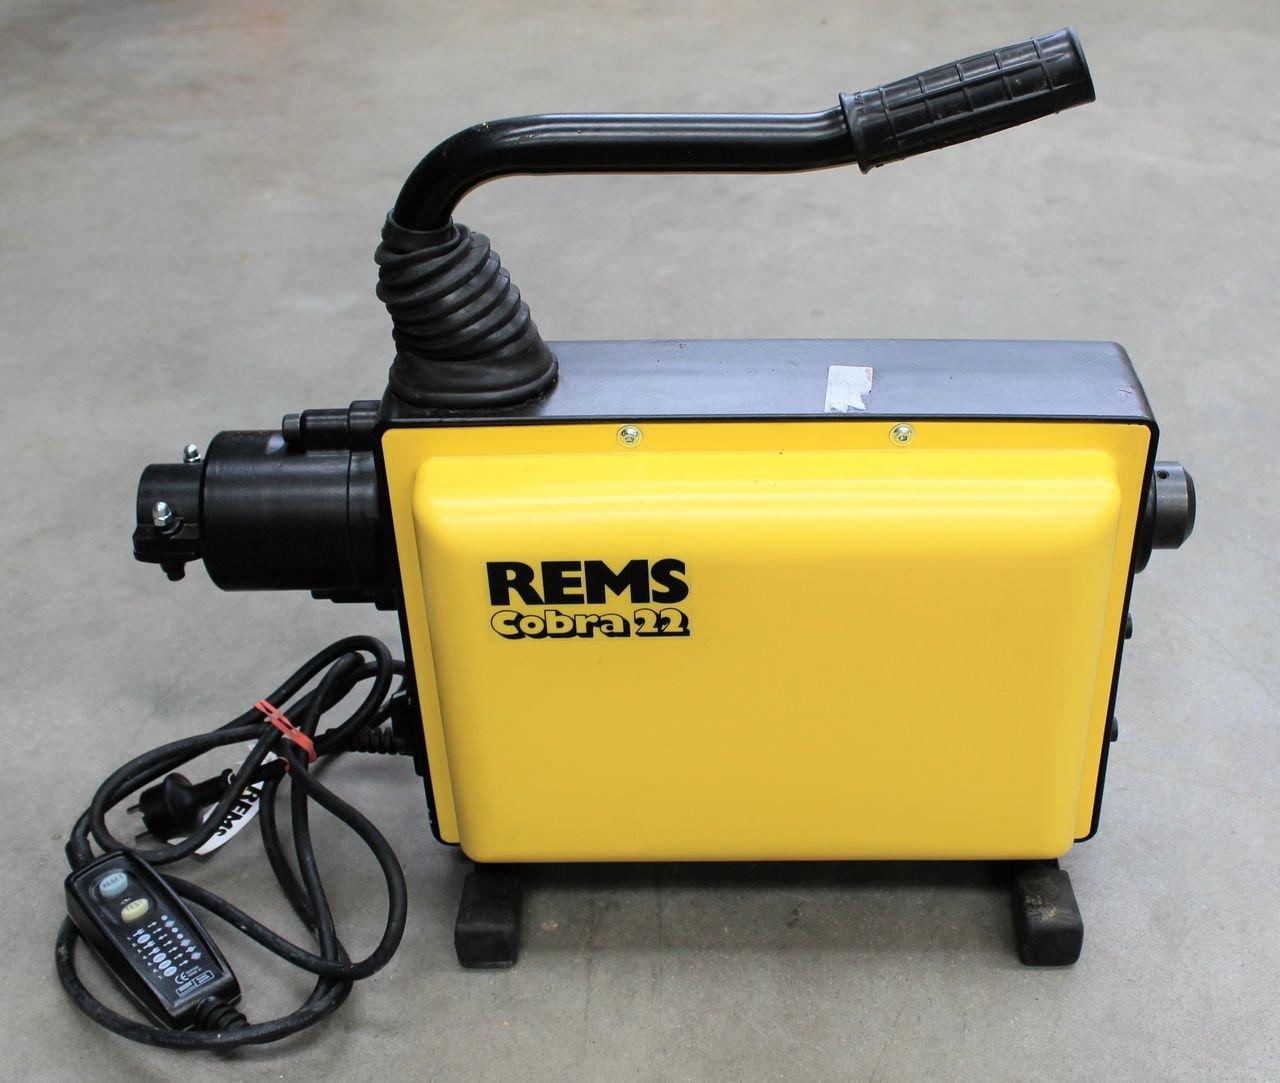 Rems Rohrreinigungsmaschine Cobra 22 Elektro 172000 Rohrreinigung